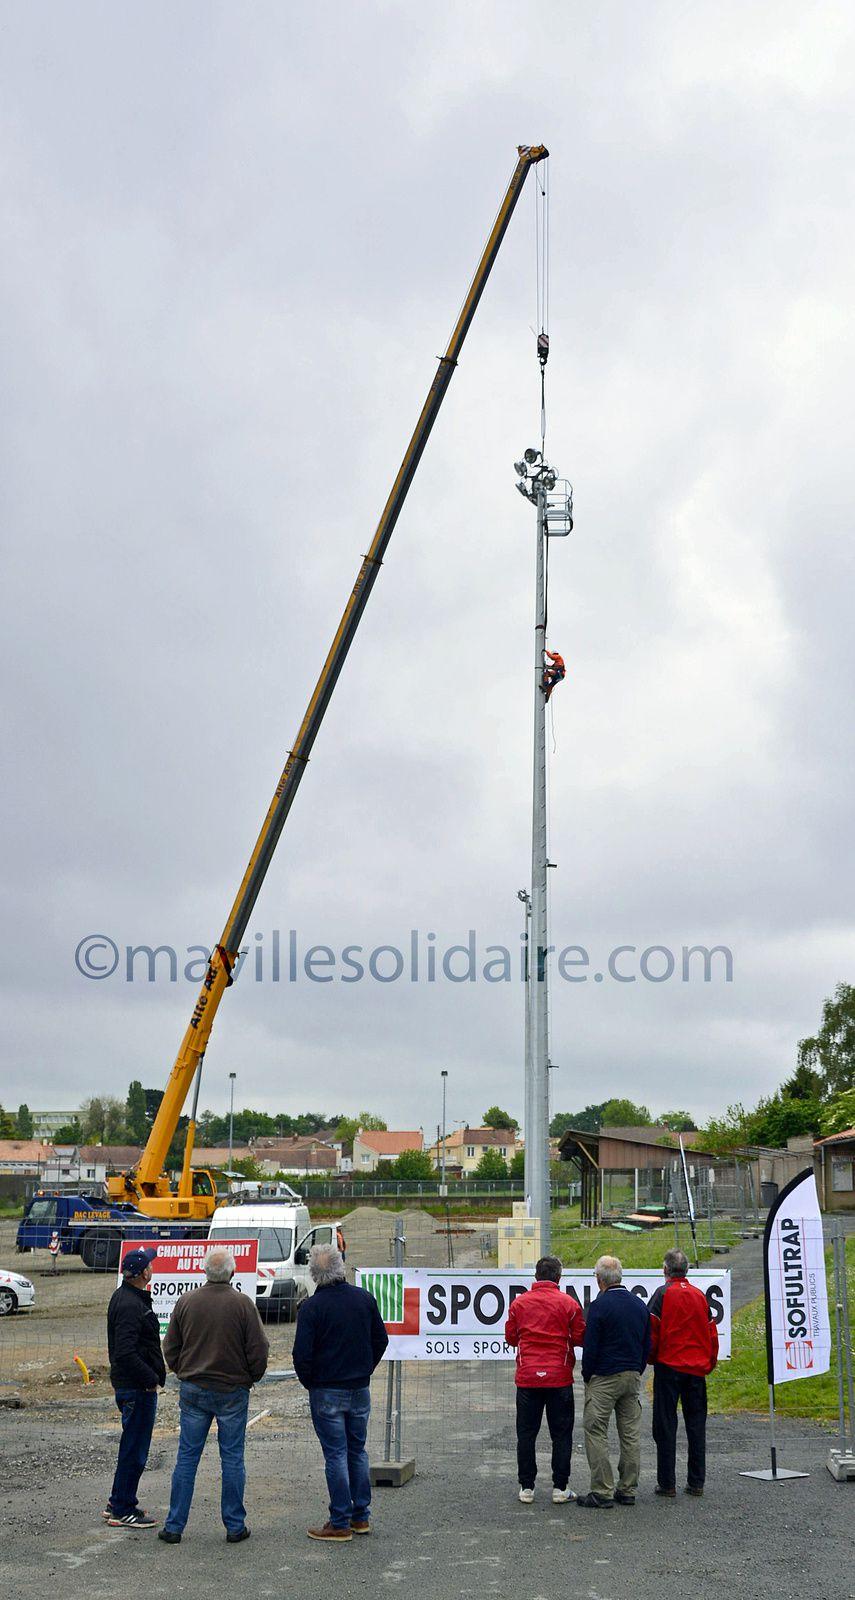 La Roche-sur-Yon. Quatre nouveaux mats d'éclairage pour le terrain de foot de Saint-André d'Ornay. .